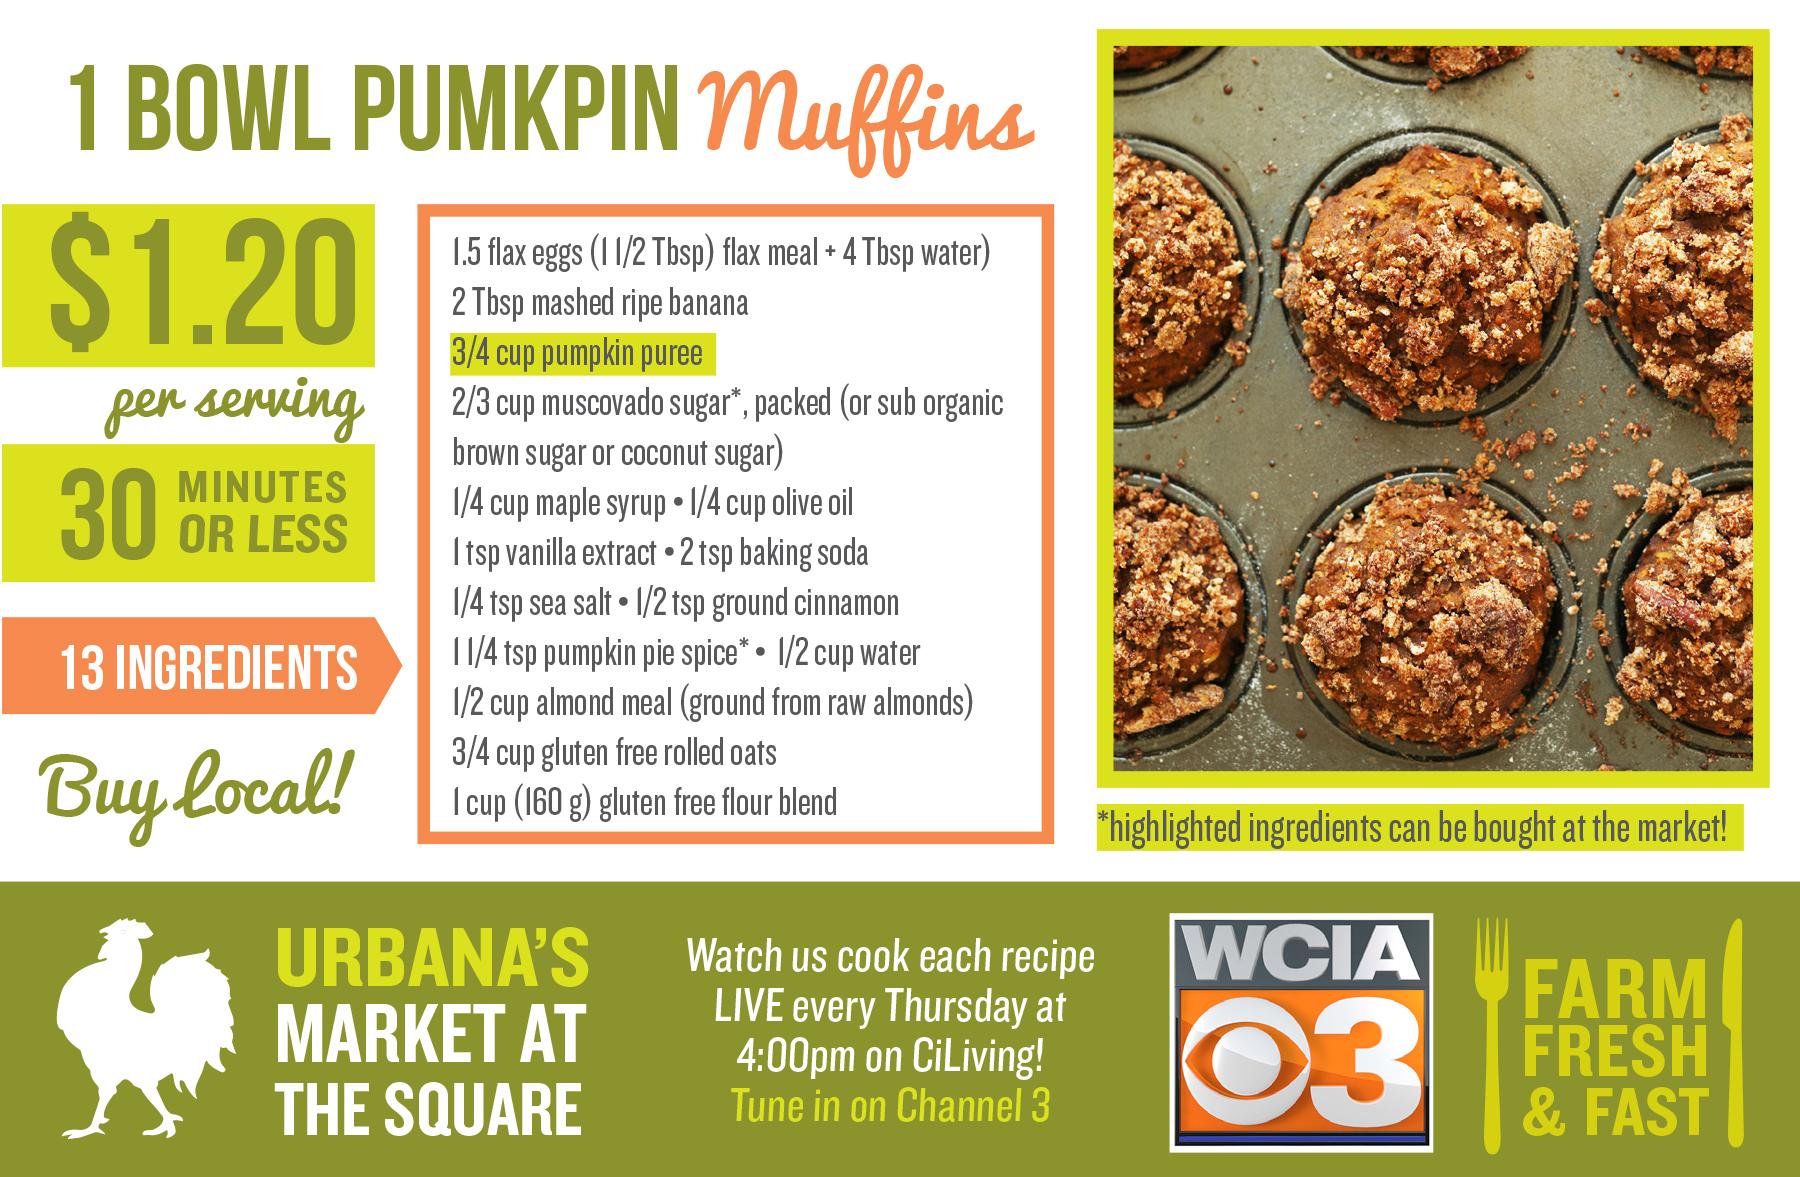 farmersmarket_pumpkinmuffins_front.indd_1475182564680